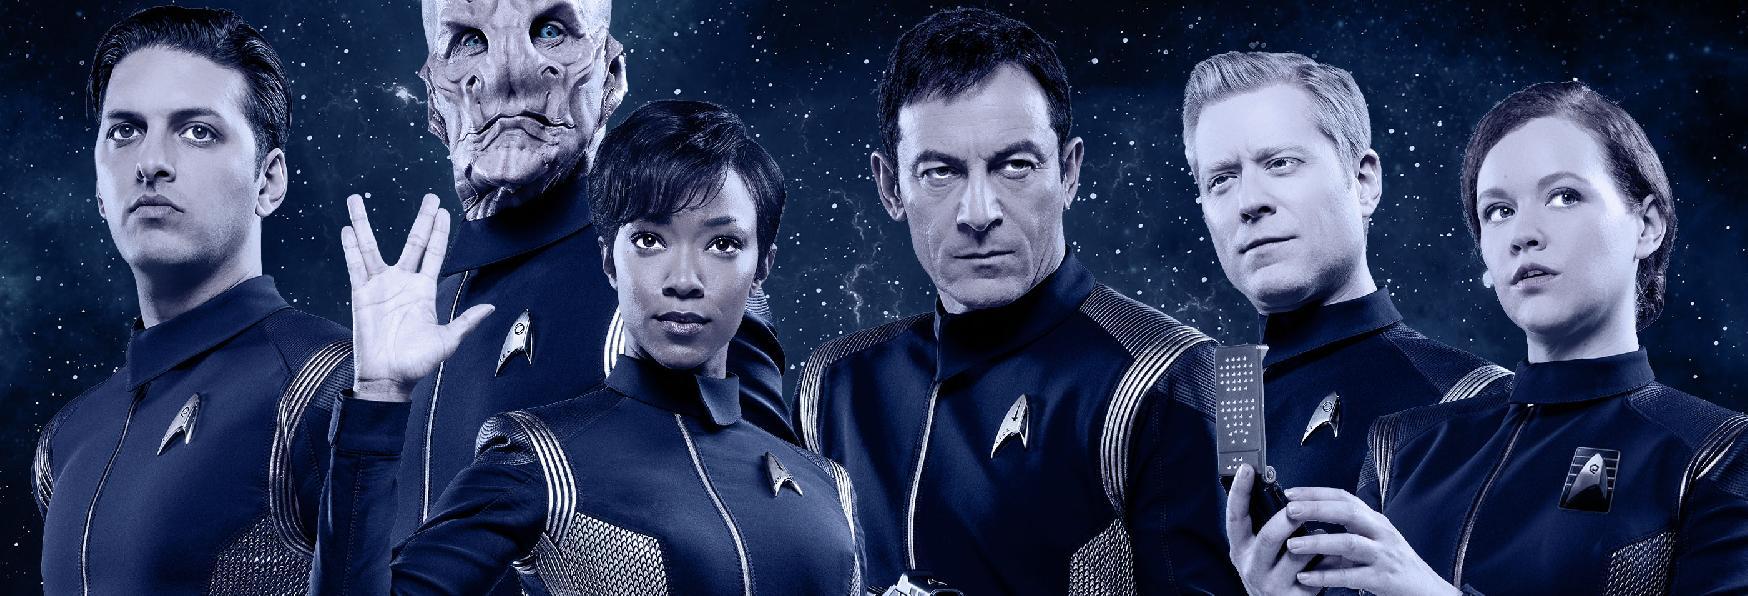 Star Trek Discovery: gli Sceneggiatori al lavoro sulla 3° Stagione